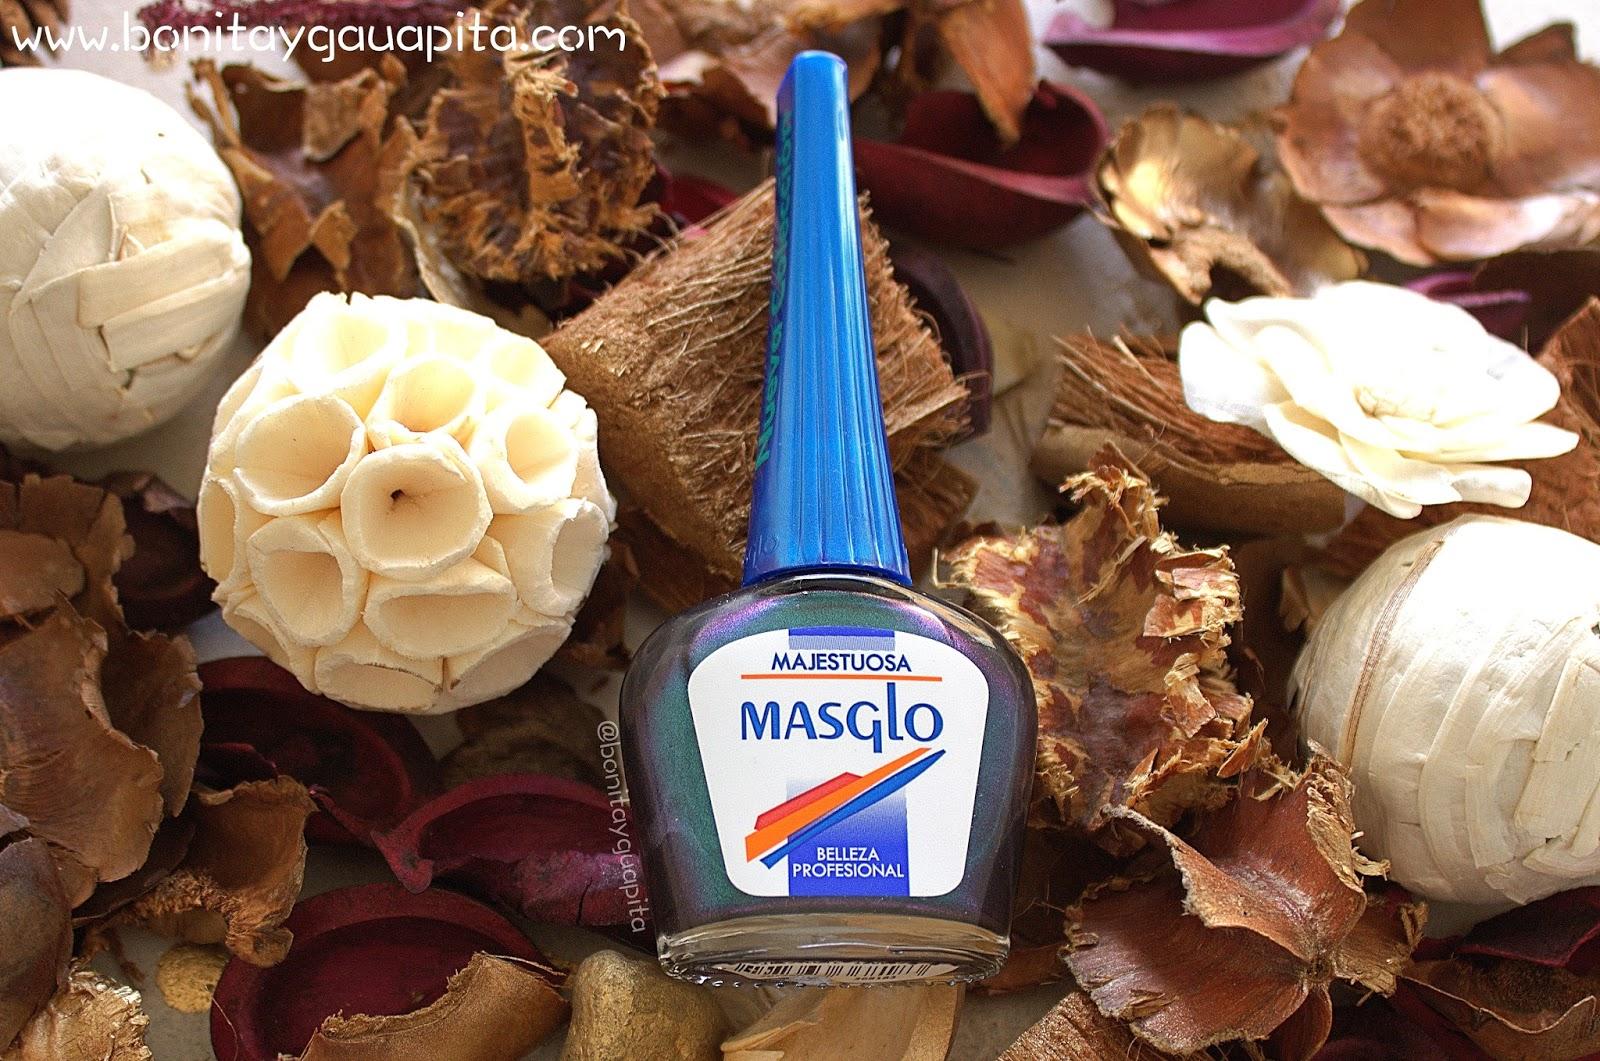 Majestuosa Masglo